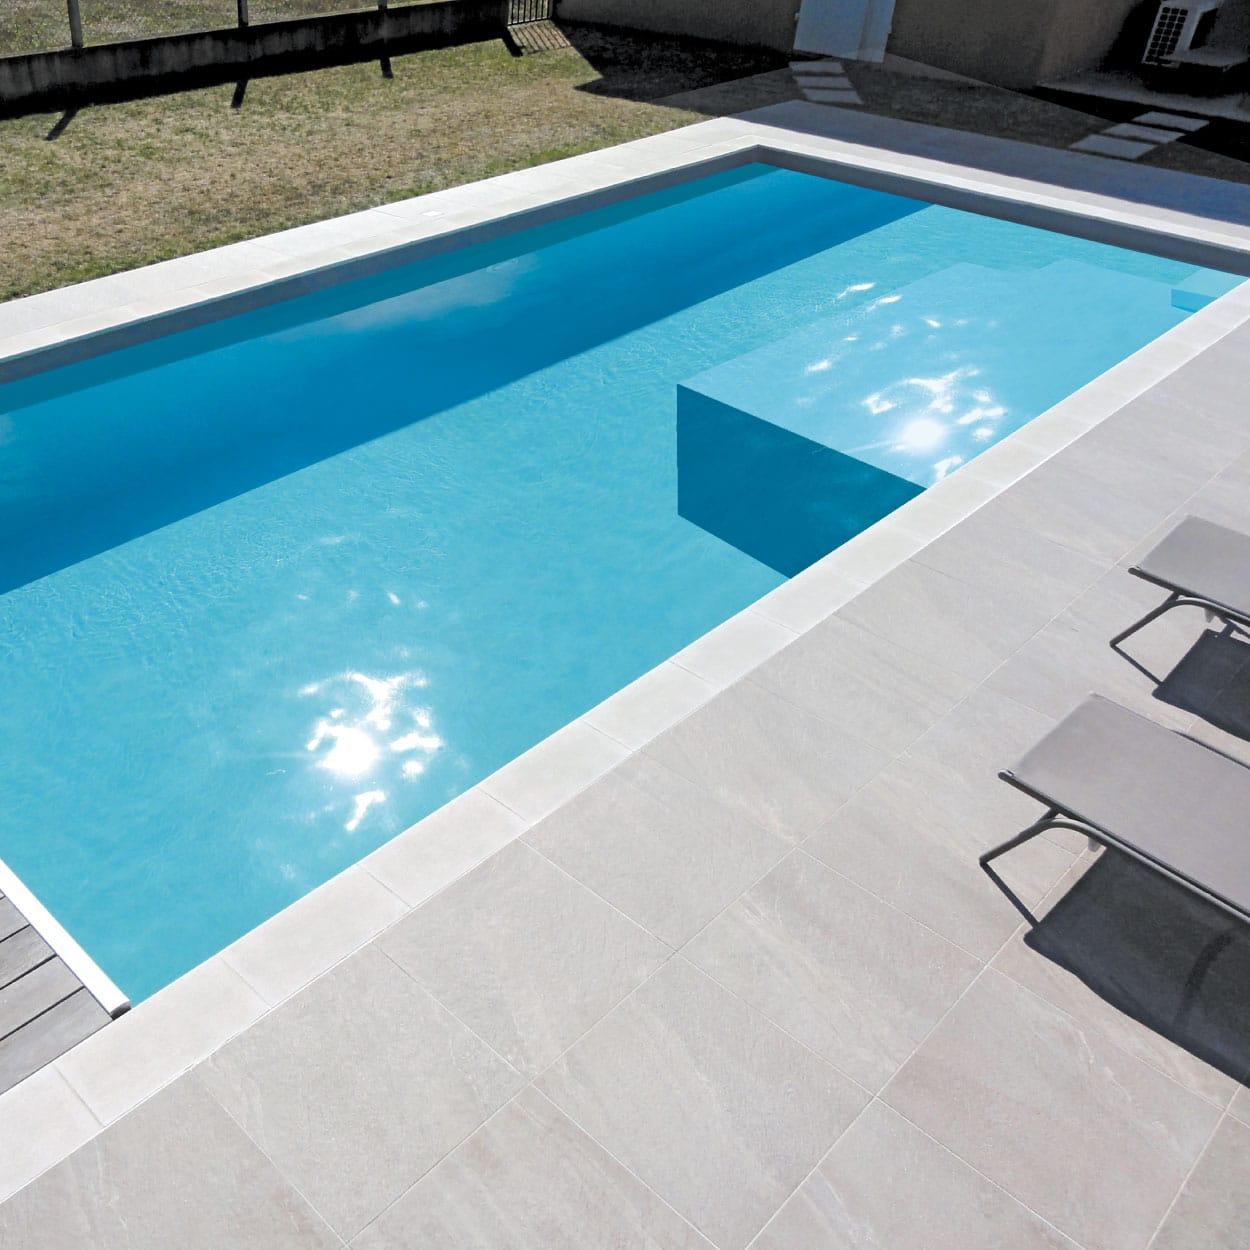 realisation-piscine-coque-plage-leucate Modèle Leucate Plage